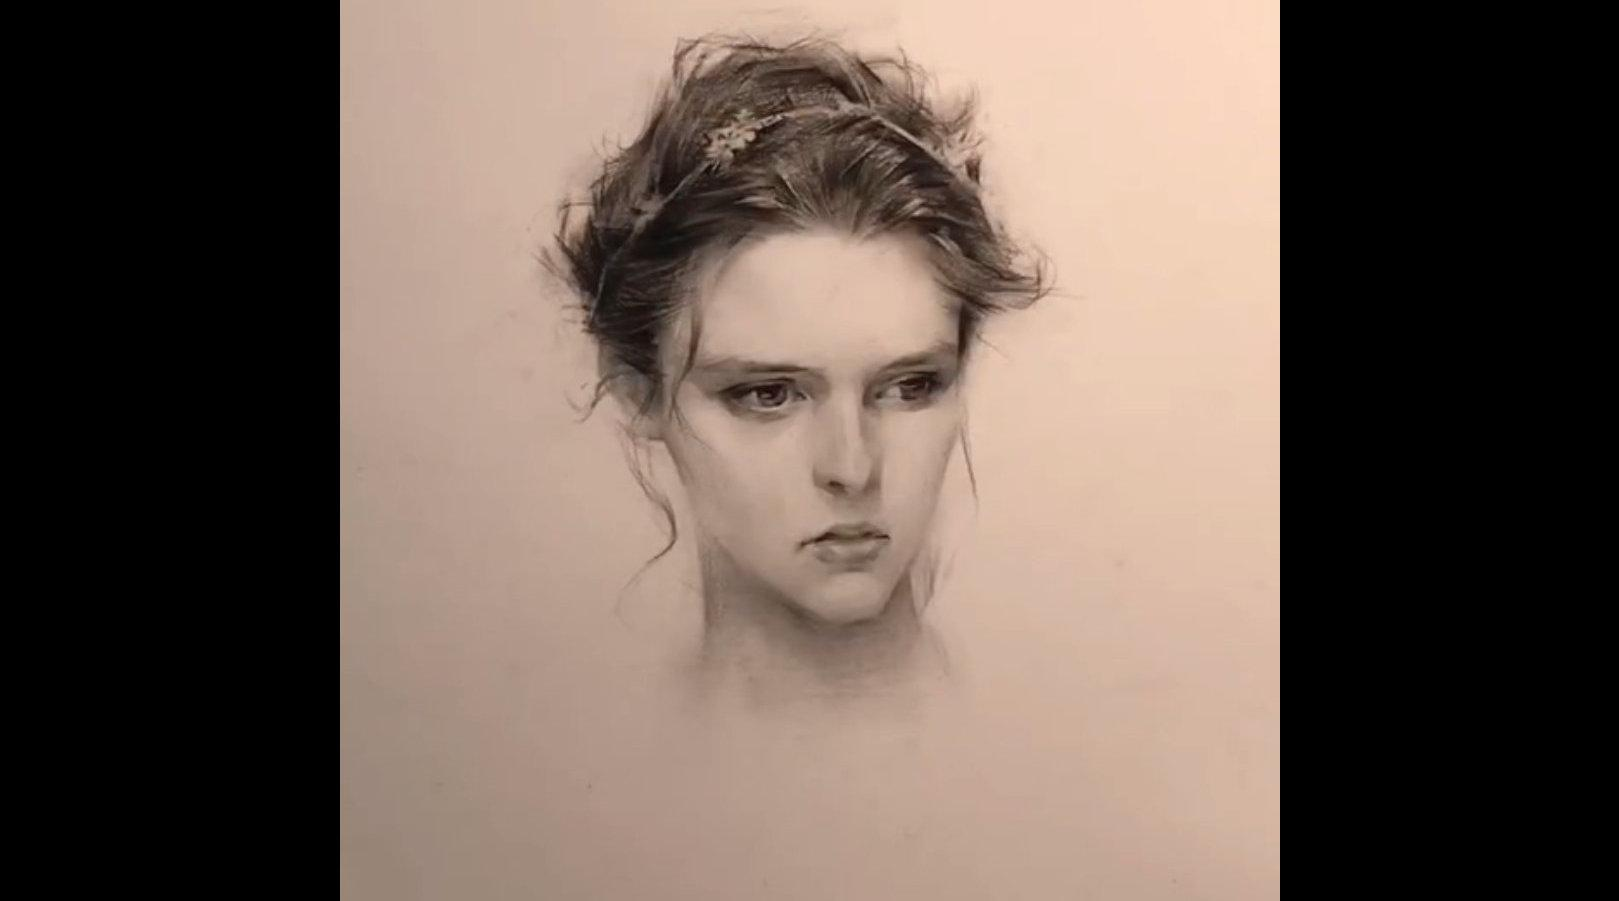 美人肖像,喜欢这个画风! 来源:绘画笔迹